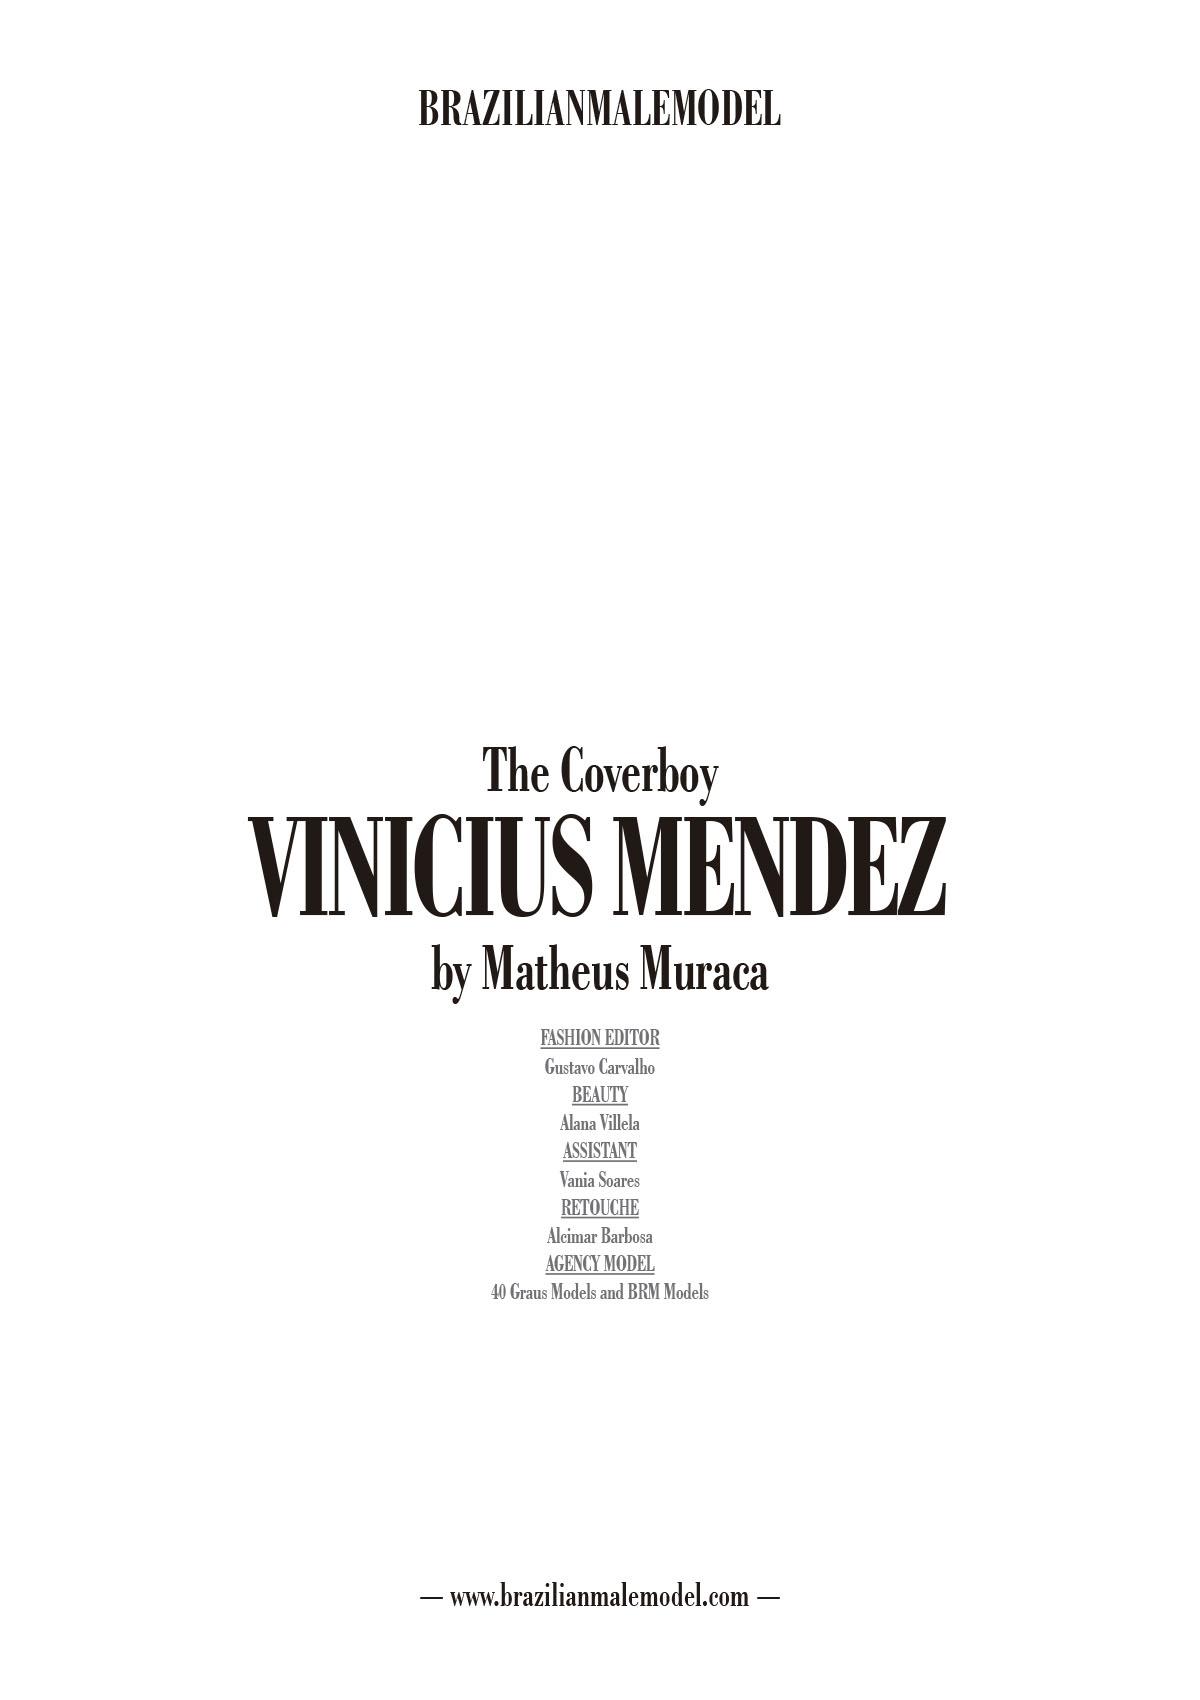 The Cover boy Vinicius Mendez by Matheus Muraca